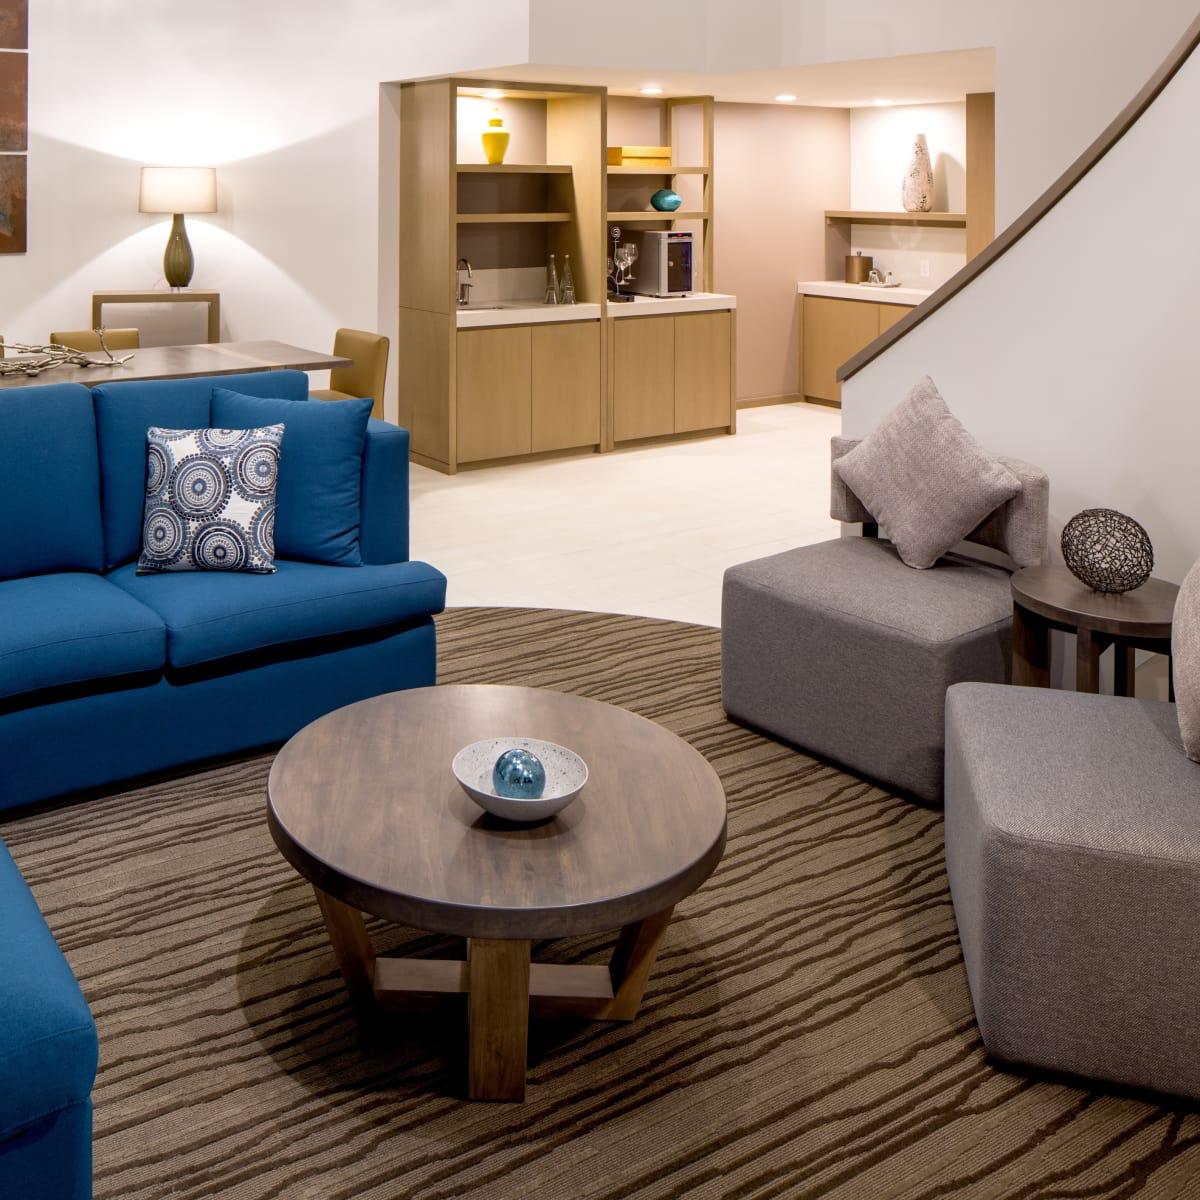 Hyatt Regency two story suites